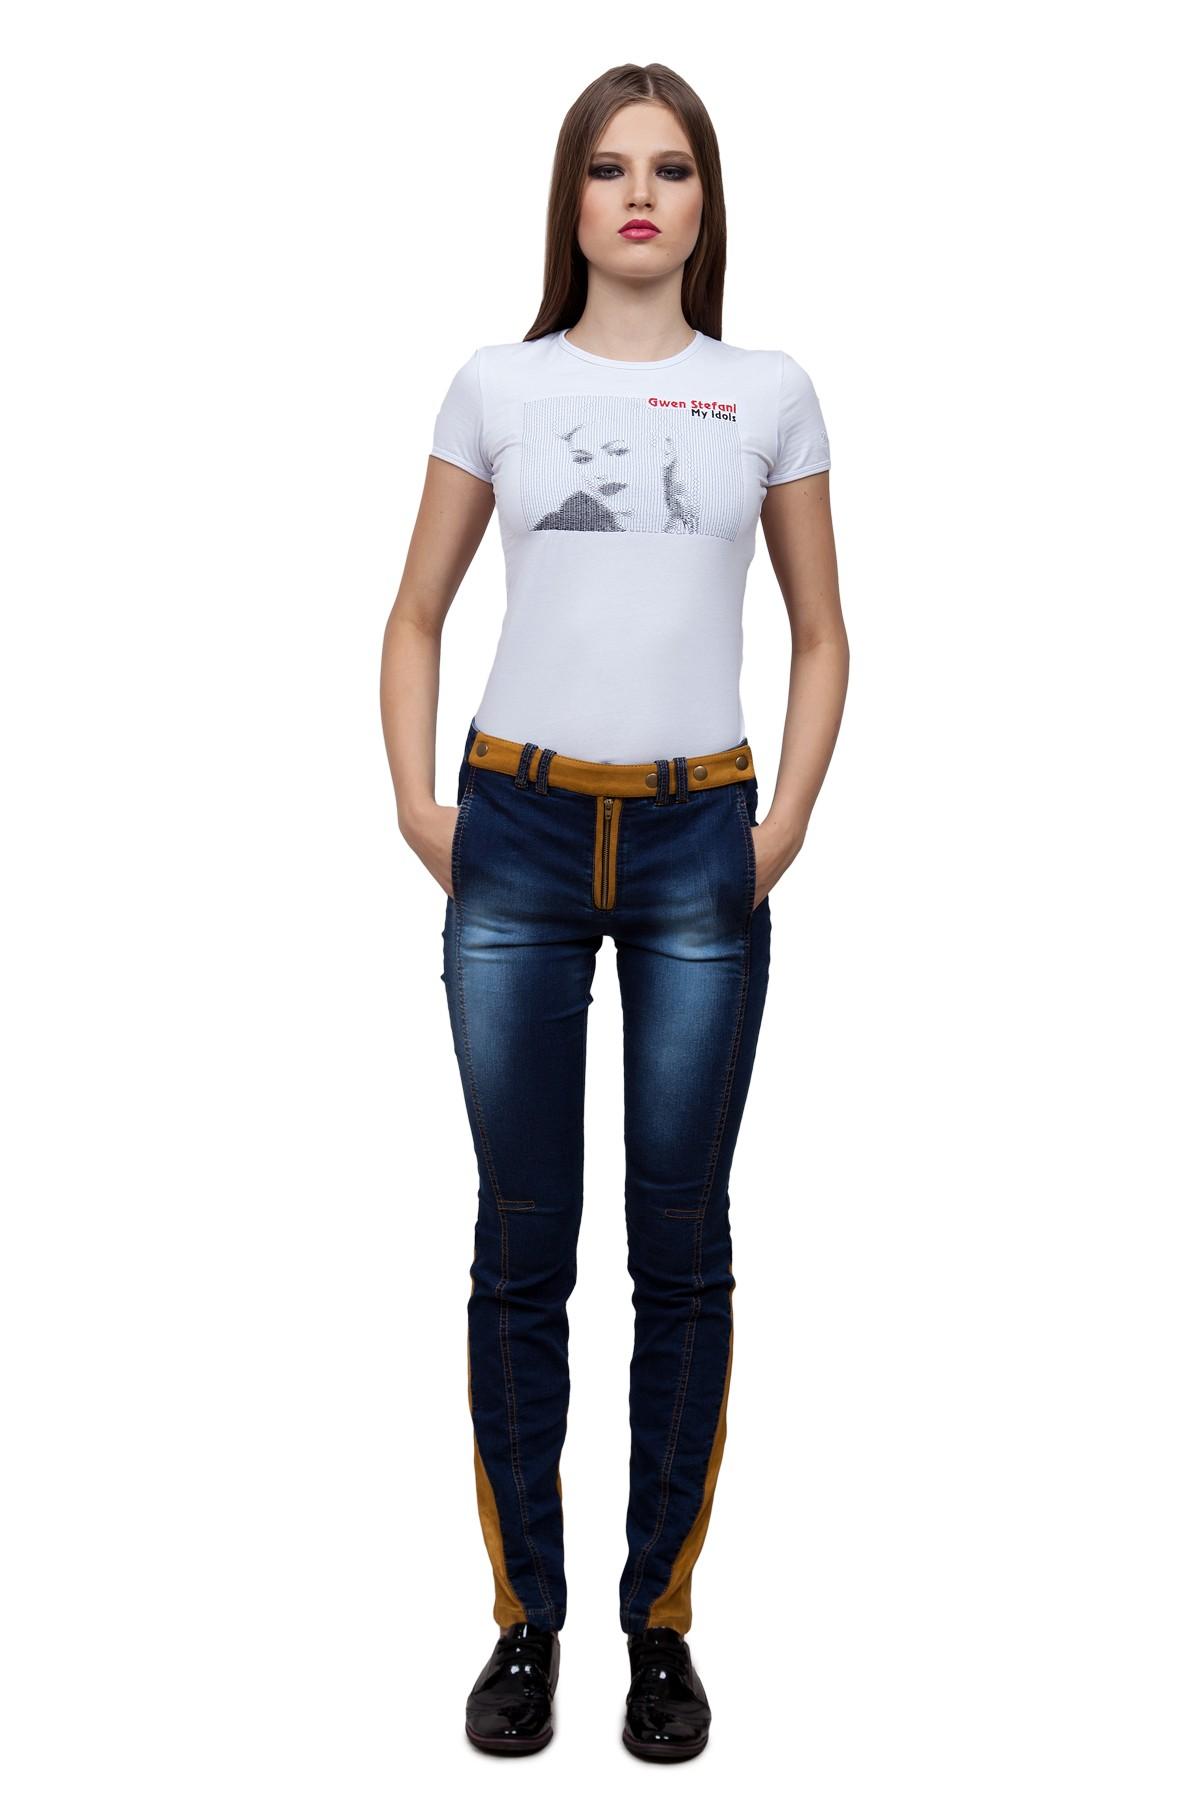 ФутболкаТрикотаж<br>Стильная футболка из высококачественного трикотажного полотна – идеальный вариант для современных девушек. Модель облегающего комфортного кроя, с округлым вырезом горловины и короткими рукавами. Декорированная на груди оригинальной вышивкой контрастного ц<br><br>Цвет: белый<br>Состав: 92% хлопок 8% лайкра<br>Размер: 40,50<br>Страна дизайна: Россия<br>Страна производства: Россия